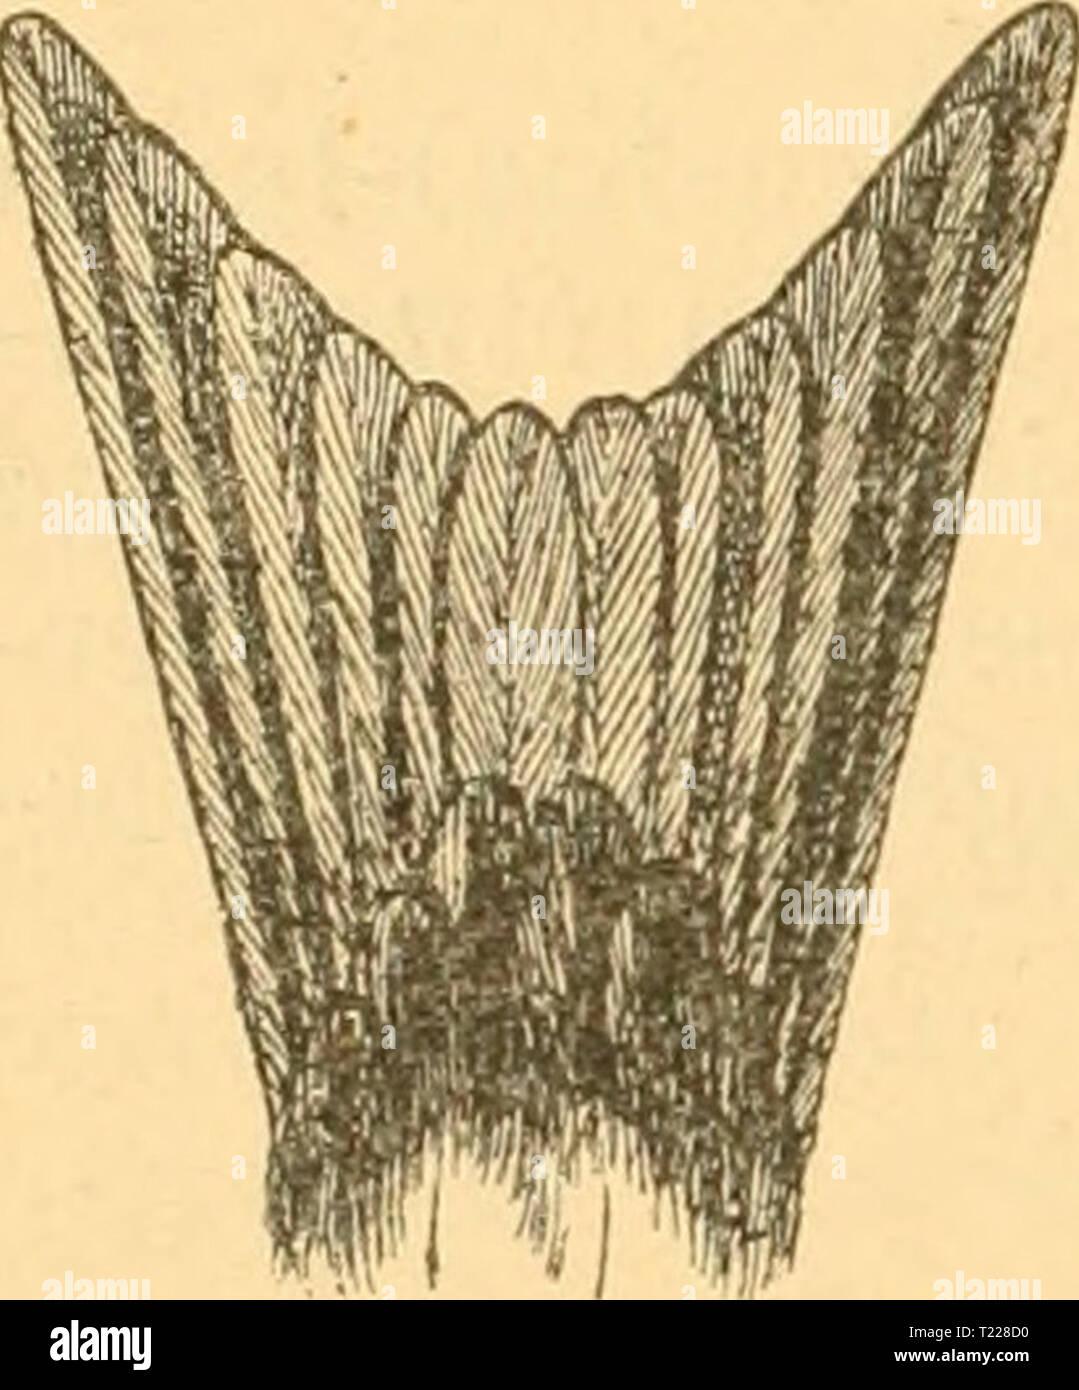 Archive image from page 897 of Die Vögel der paläarktischen Fauna Stock Photo